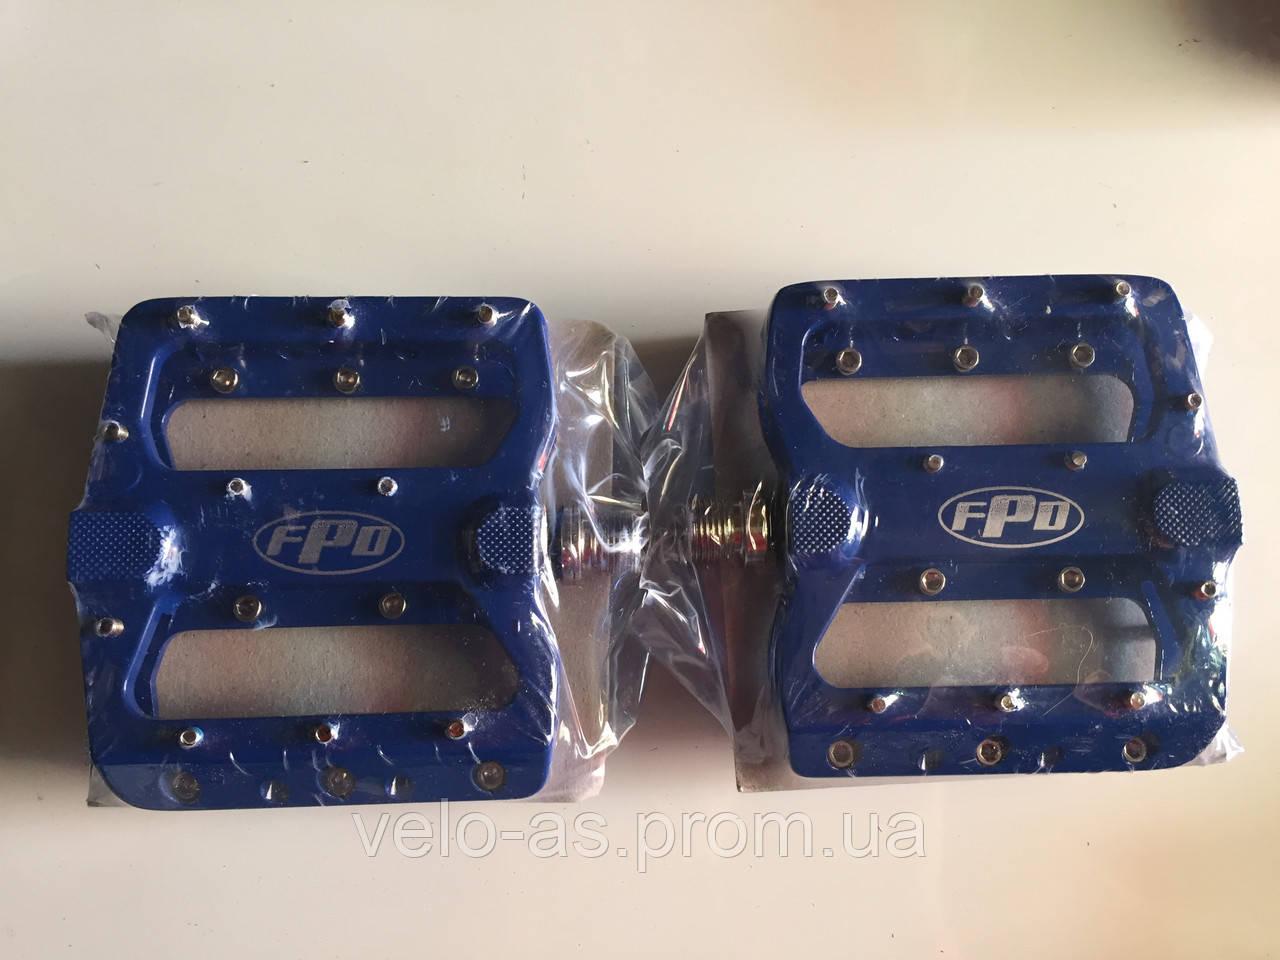 Педаль алюминевая FPD  на проме MTB синяя